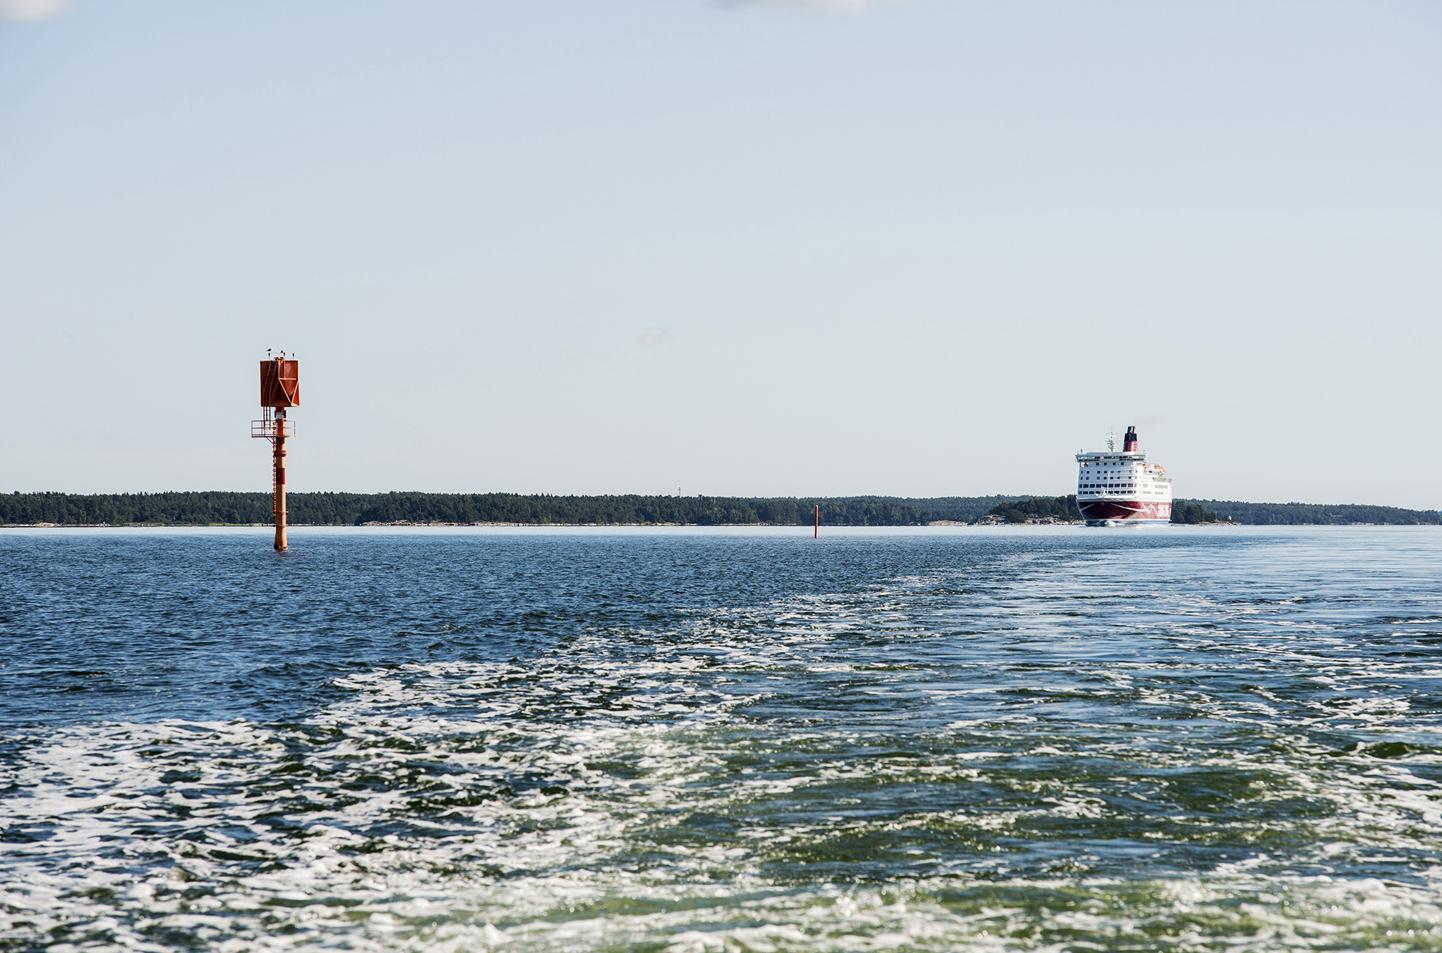 Sverigebåt på havet